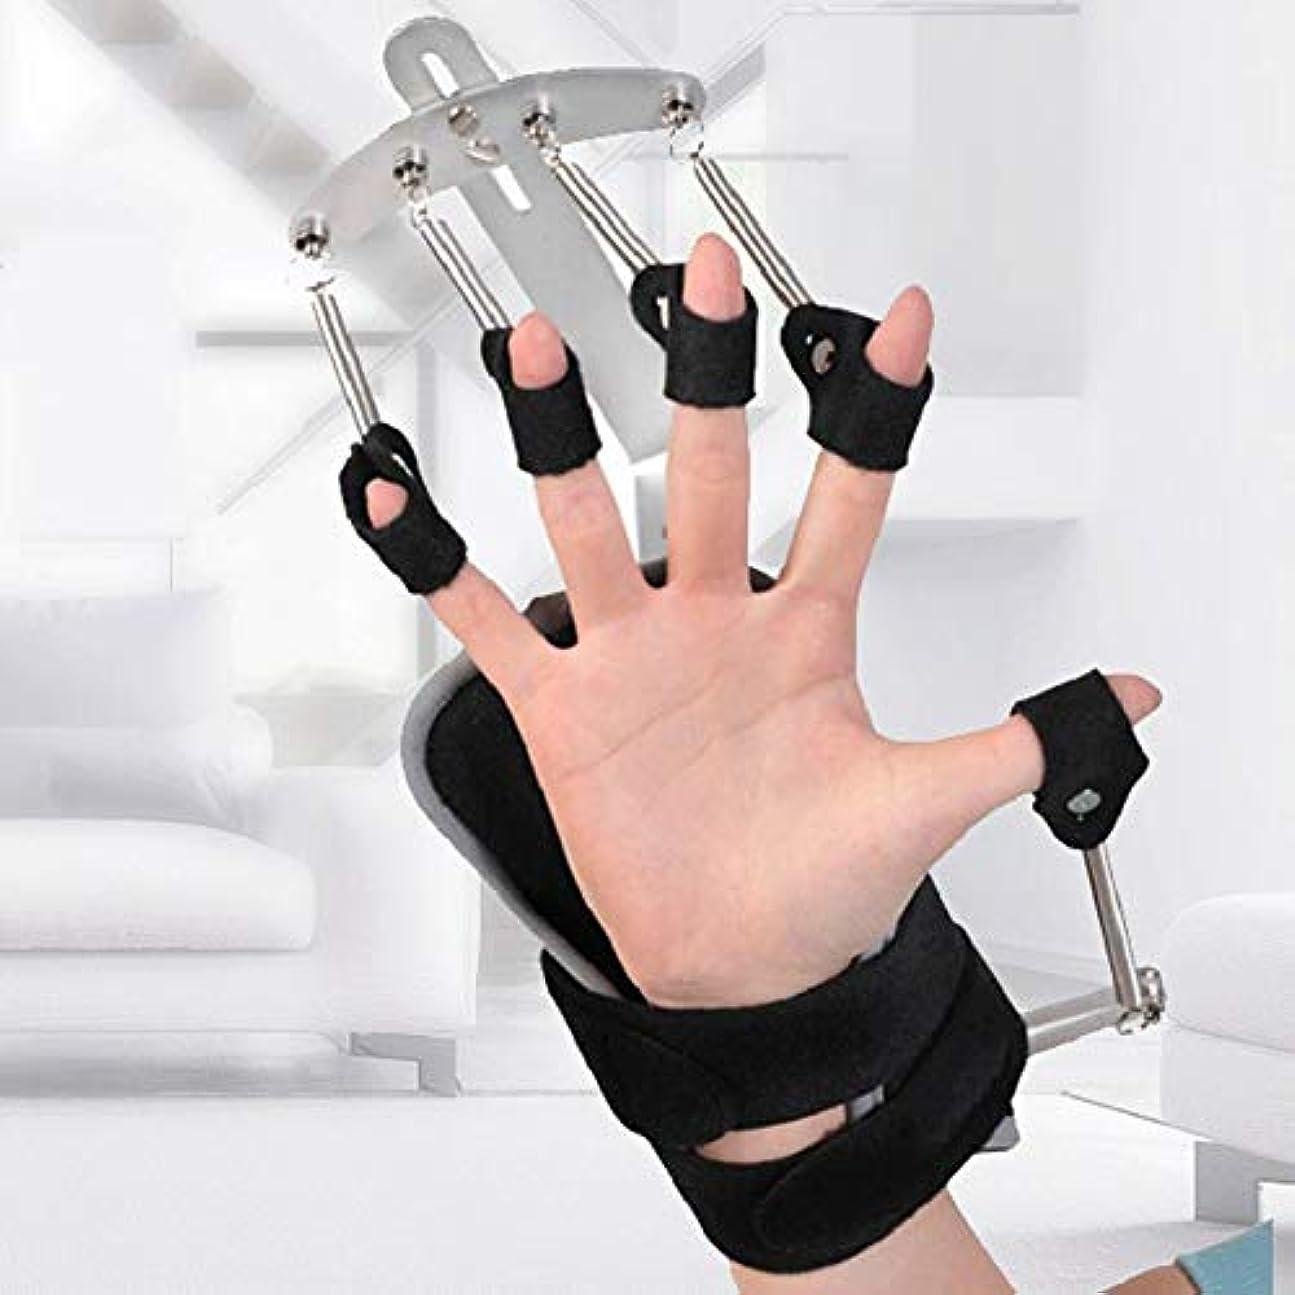 望み矩形昇進脳卒中片麻痺患者のあこがれ演習の修理のためにリハビリテーションインソールを、指、インソールポイントマニュアル手首トレーニング装具機器ブレース